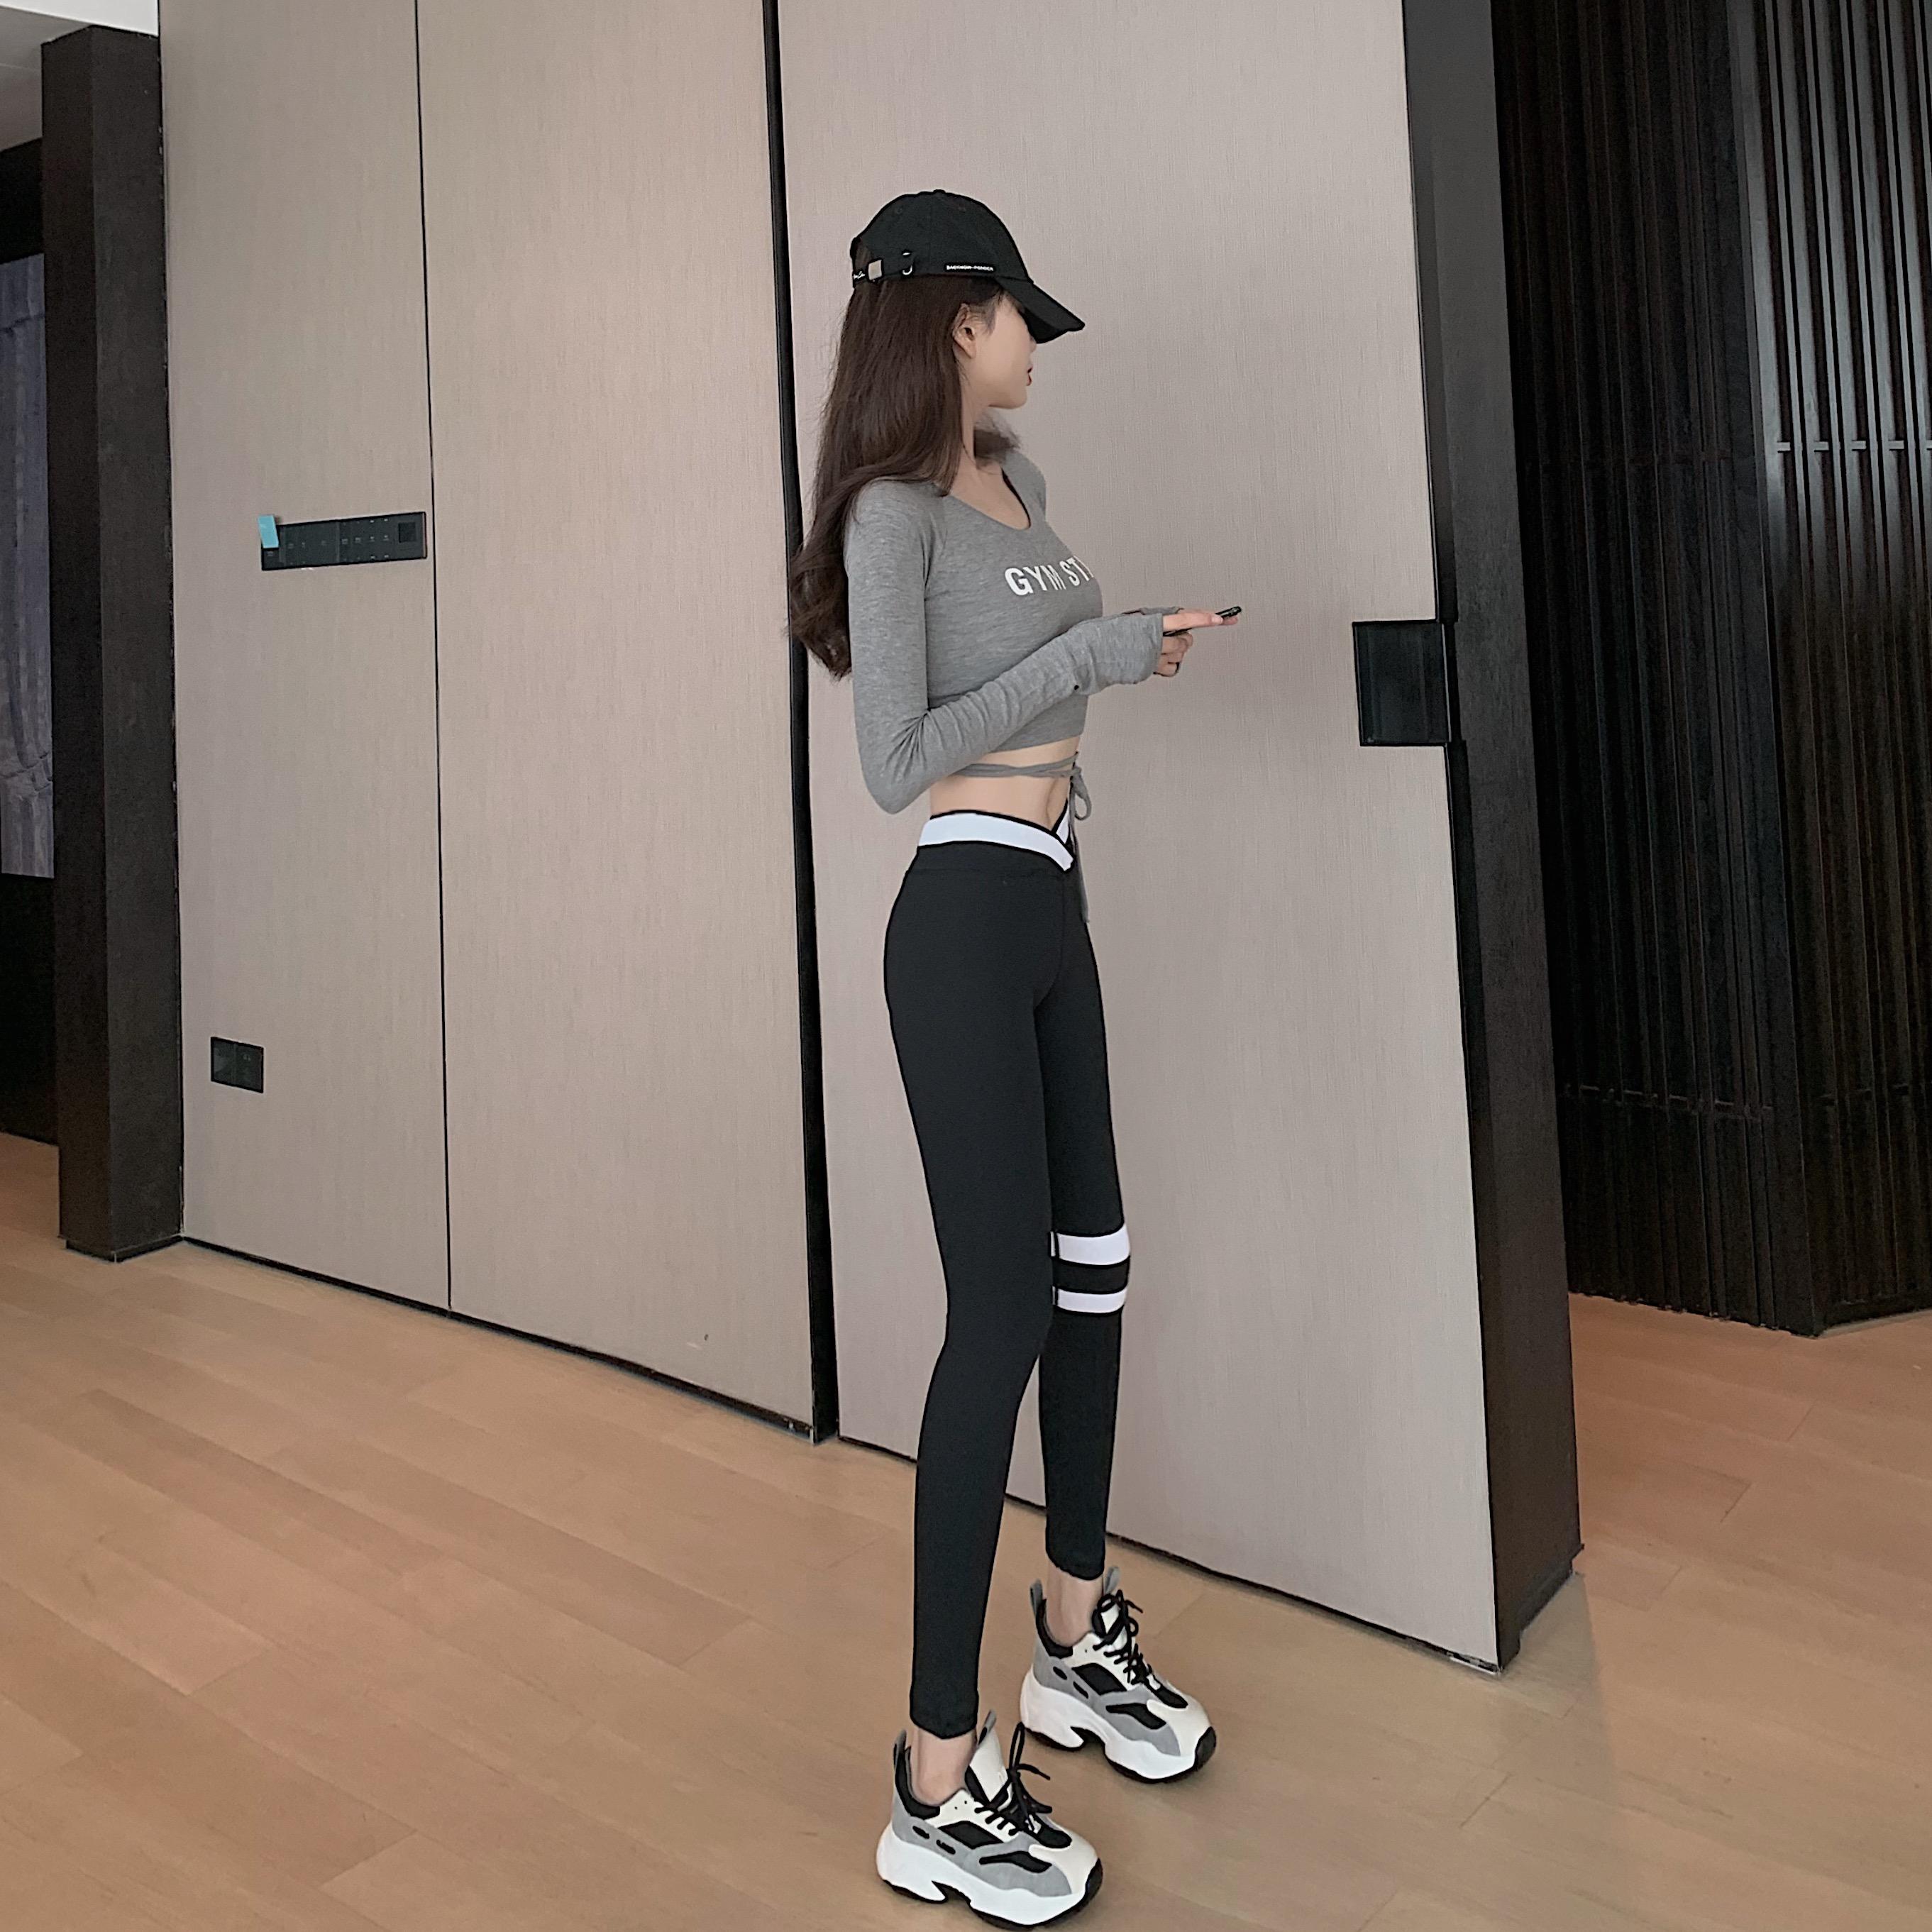 秋季性感露脐上衣女长袖瑜伽服套装+运动显瘦外穿休闲裤两件套